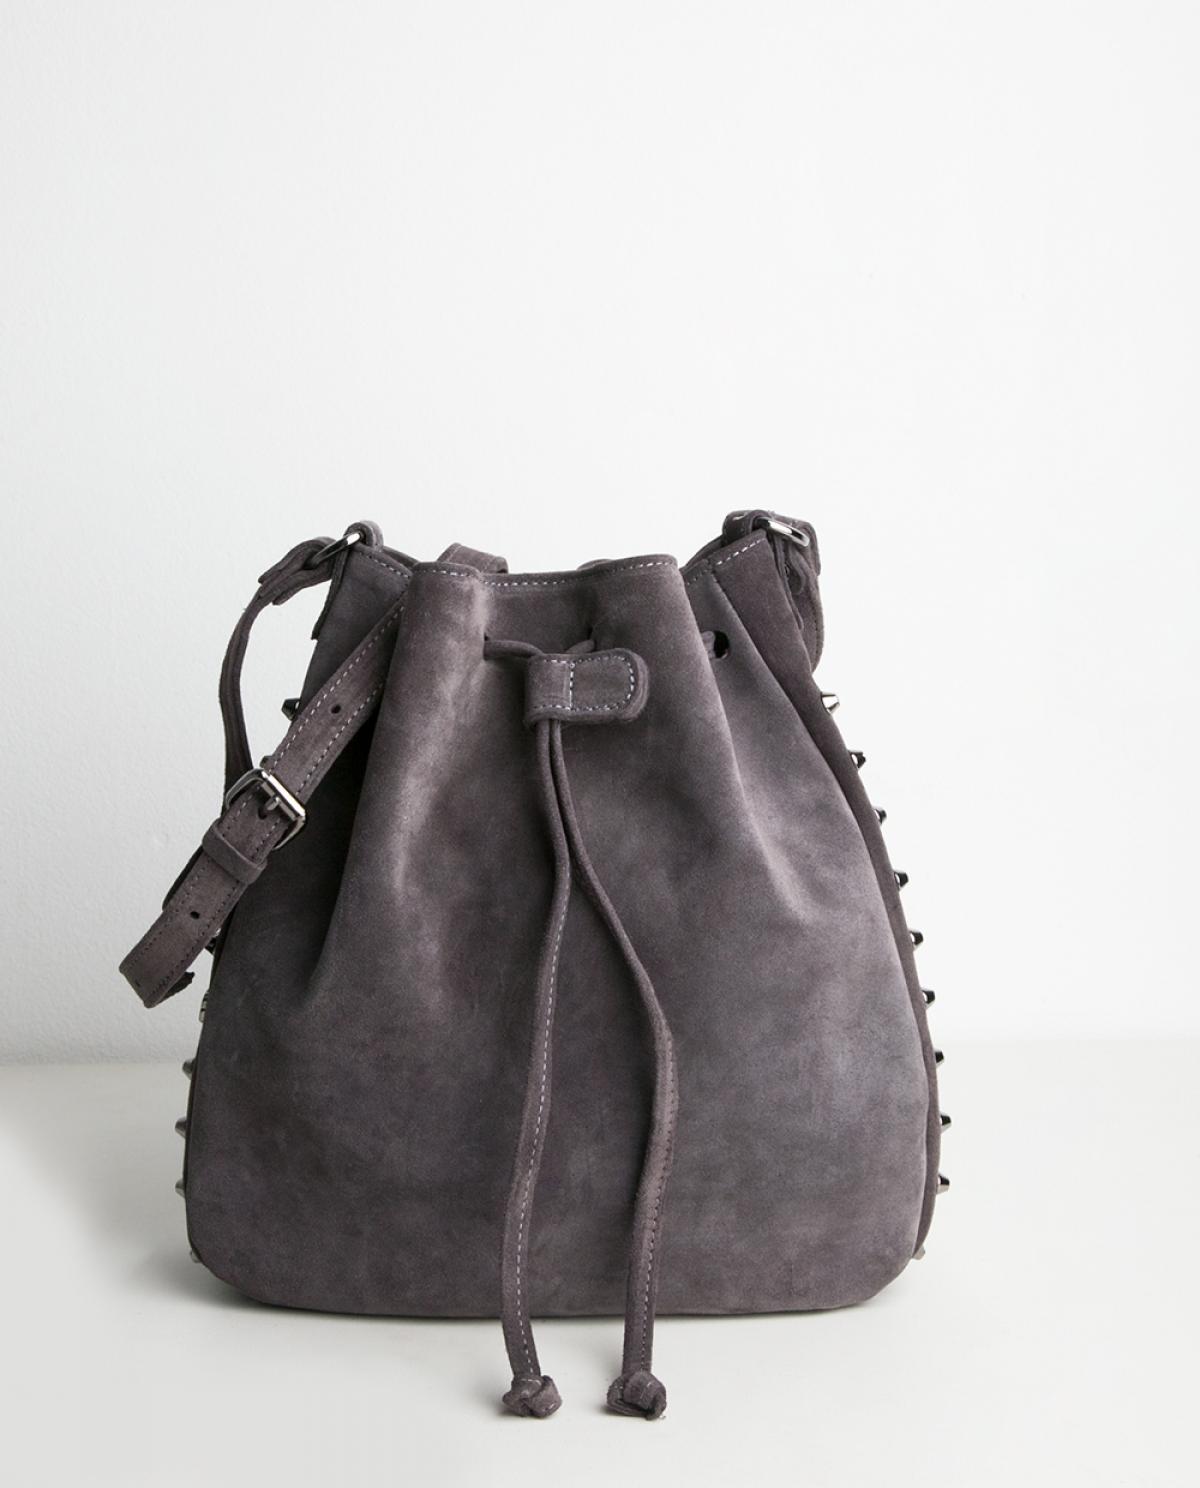 982a2b8c4c08 Grey Suede Bling Pouch Bag - Fashionnoiz